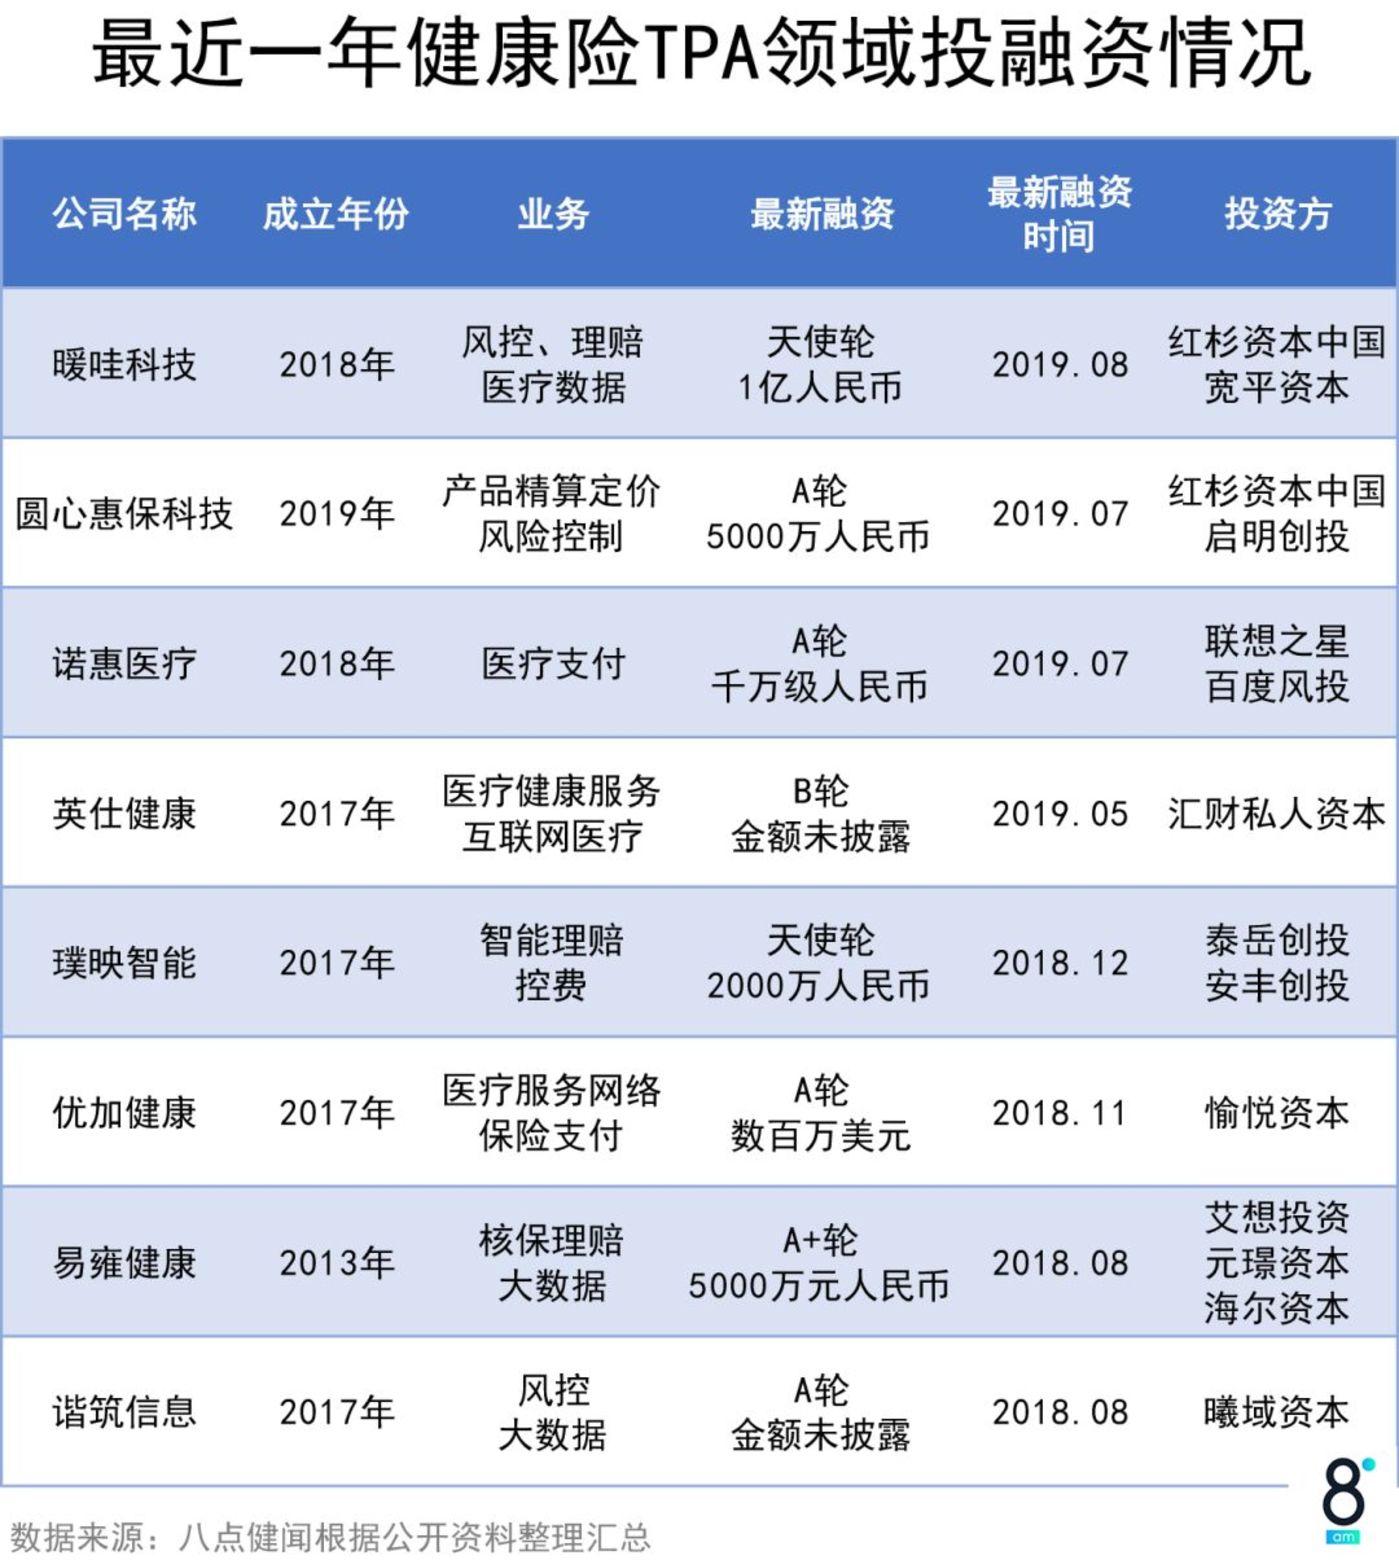 博天堂游戏网址·永旺百货公布2019中期业绩 加强盈利能力巩固竞争力